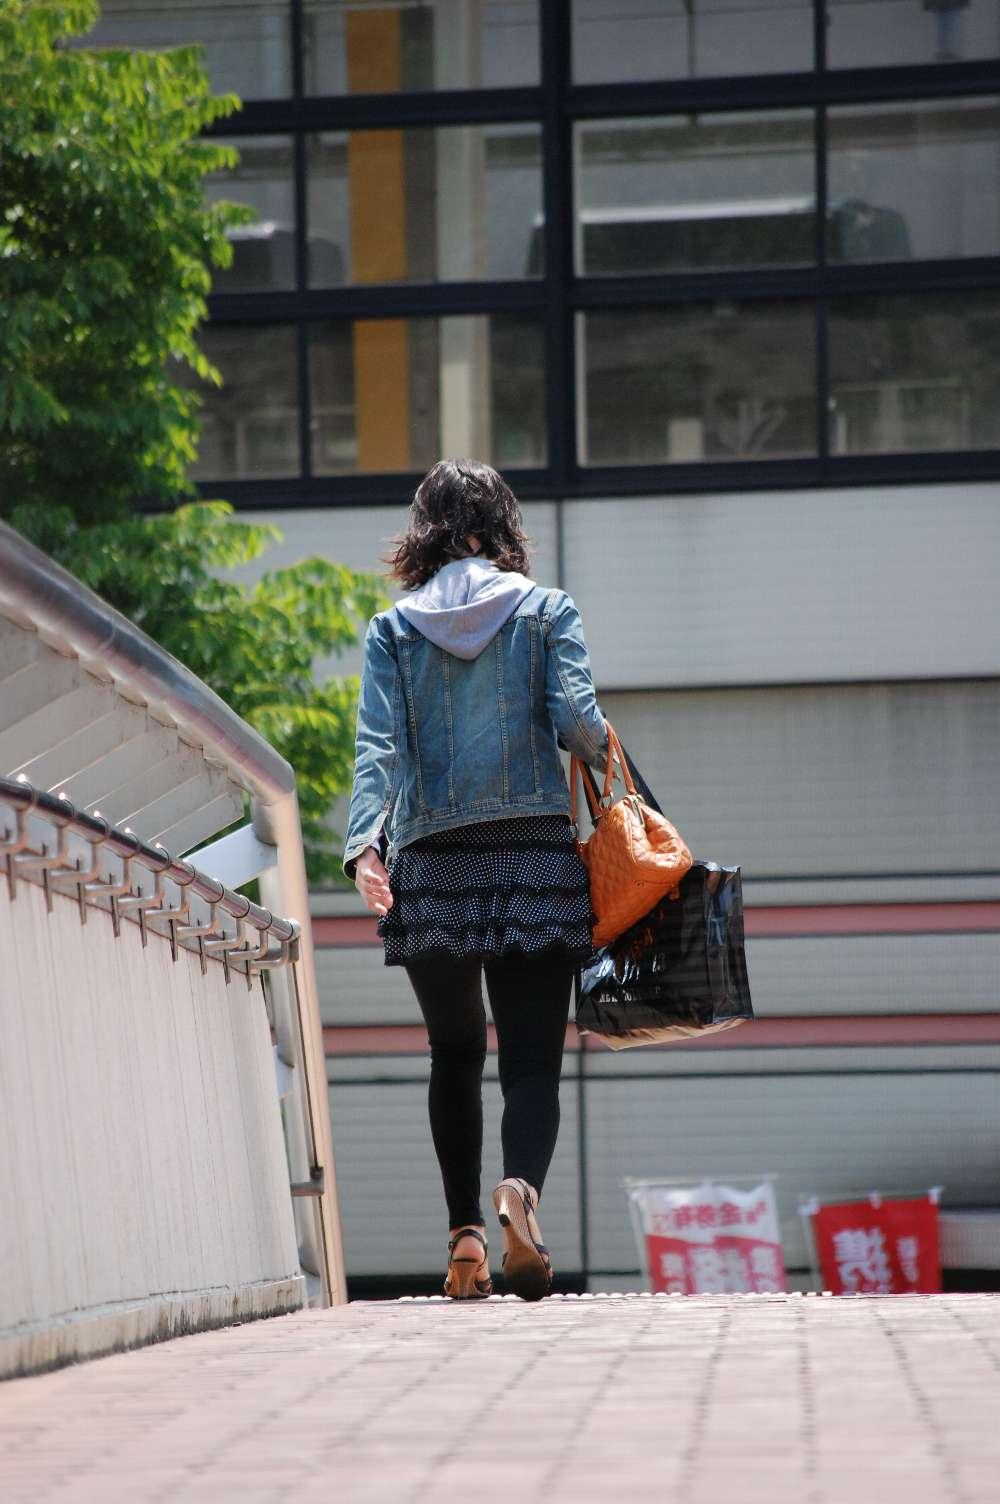 ロマンティック街道~阪急池田_b0069128_21442161.jpg